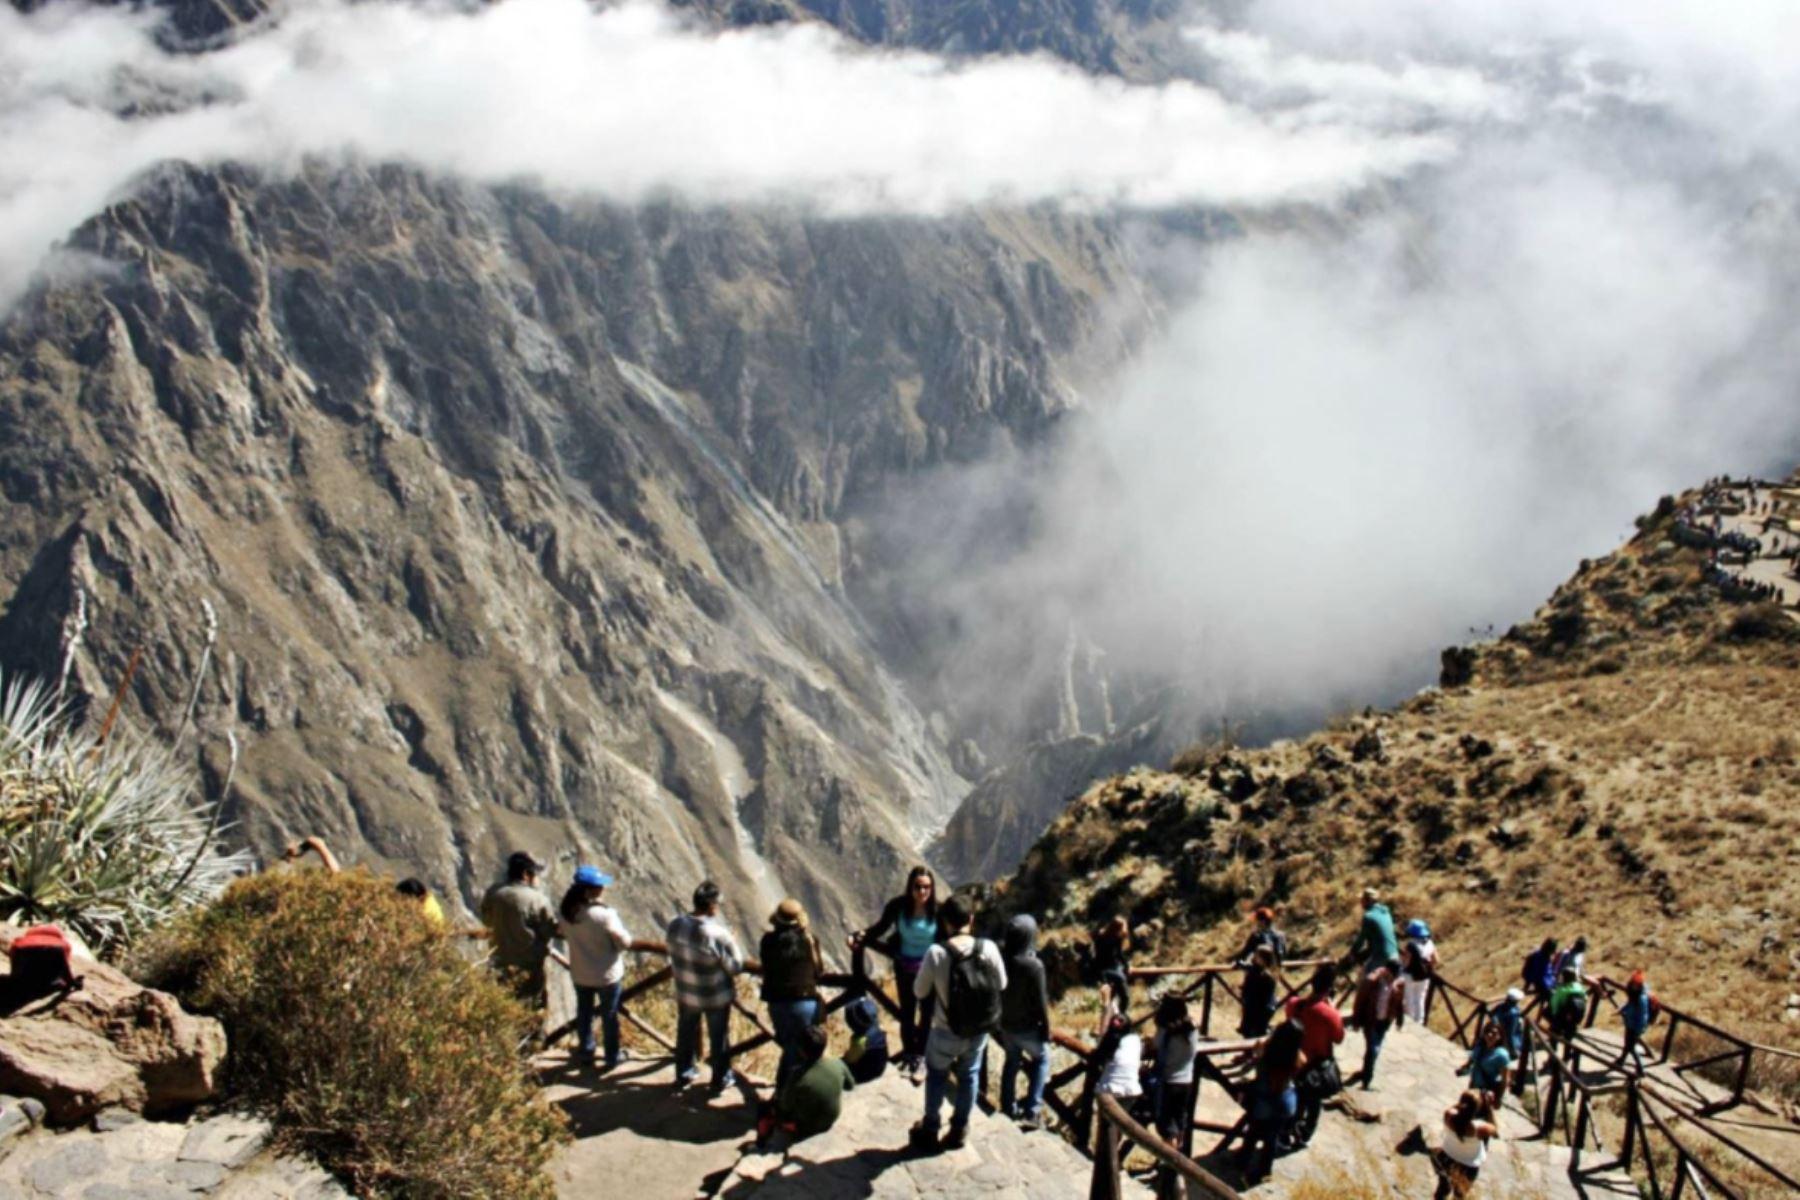 """El Cañón del Colca, uno de los más profundos del planeta y poseedor de una deslumbrante belleza paisajística, está nominado como """"Mejor atracción turística natural"""" en los World Travel Awards 2020. ANDINA/Archivo"""